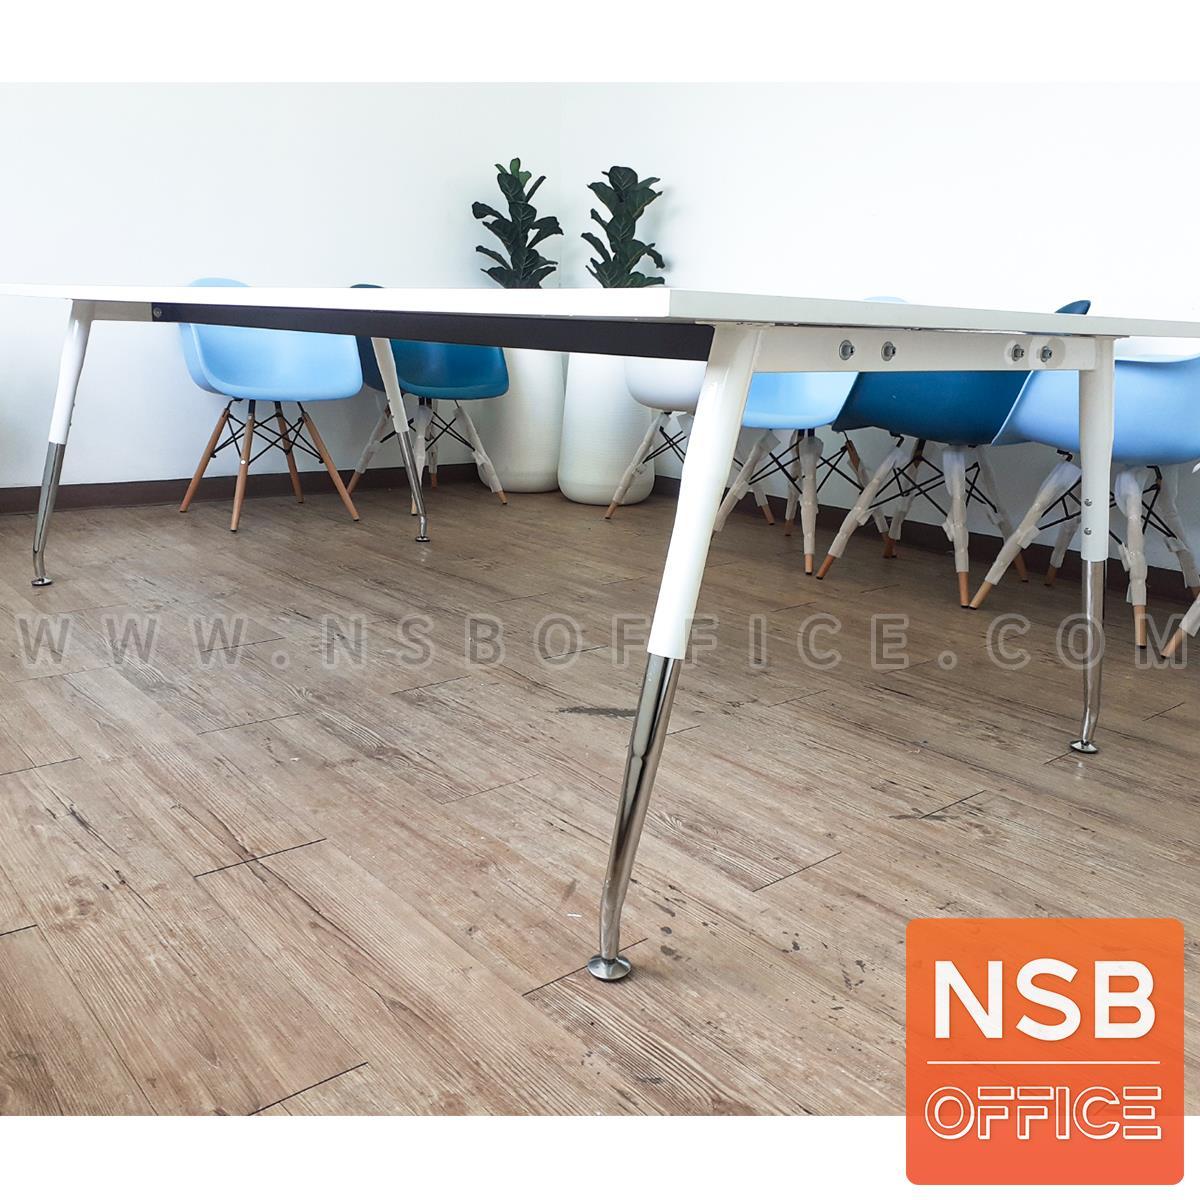 โต๊ะประชุมทรงสี่เหลี่ยม  ขนาด 150W ,180W ,200W ,240W cm.  ขาเหล็กปลายเรียว